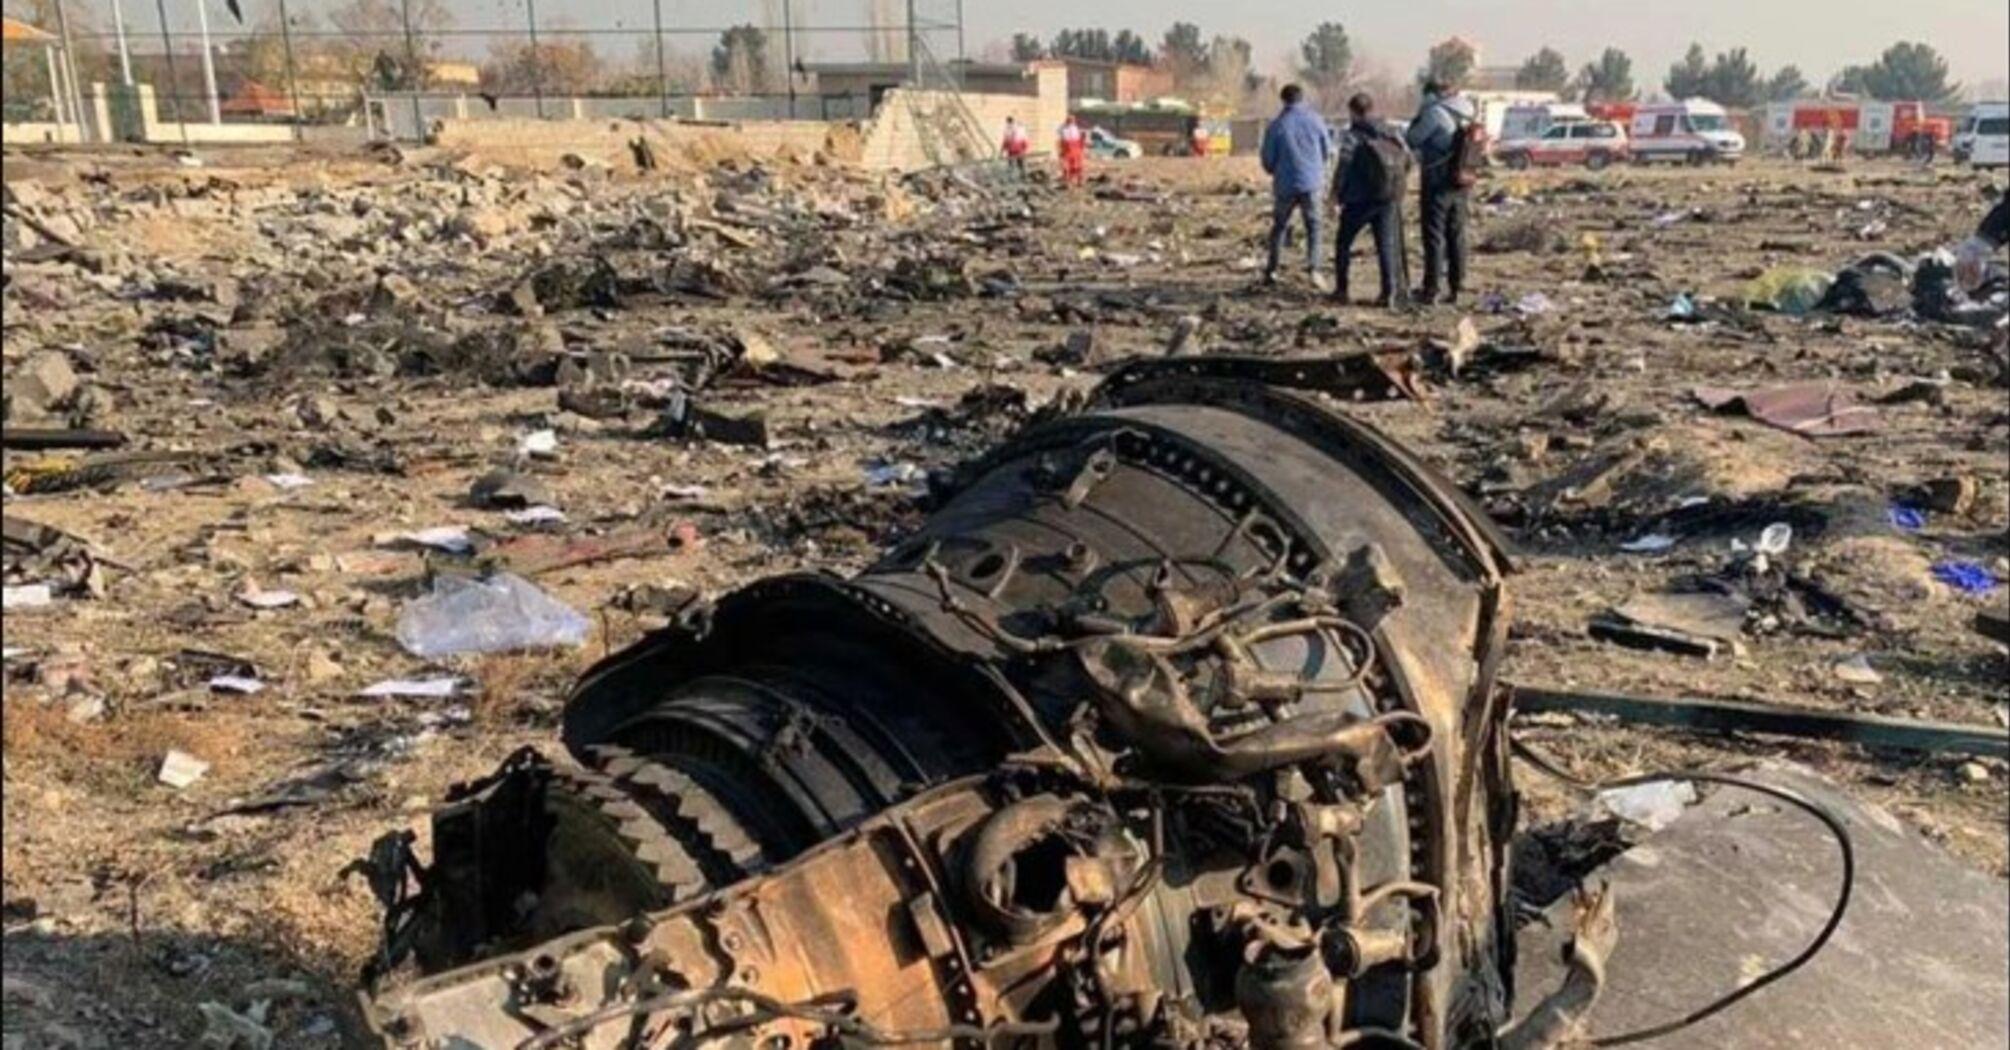 """Авіакатастрофа в Ірані: експертиза """"чорних скриньок"""" може зайняти п'ять днівАвіакатастрофа в Ірані: експертиза """"чорних скриньок"""" може зайняти п'ять днів"""